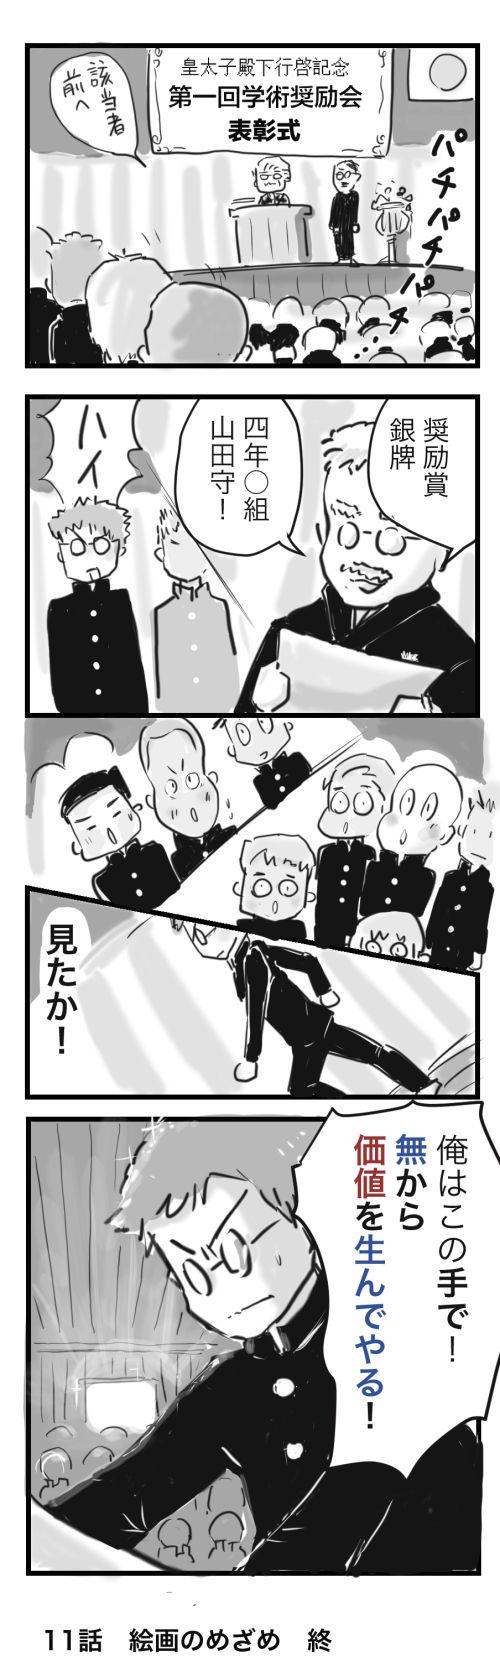 山田11-13−4